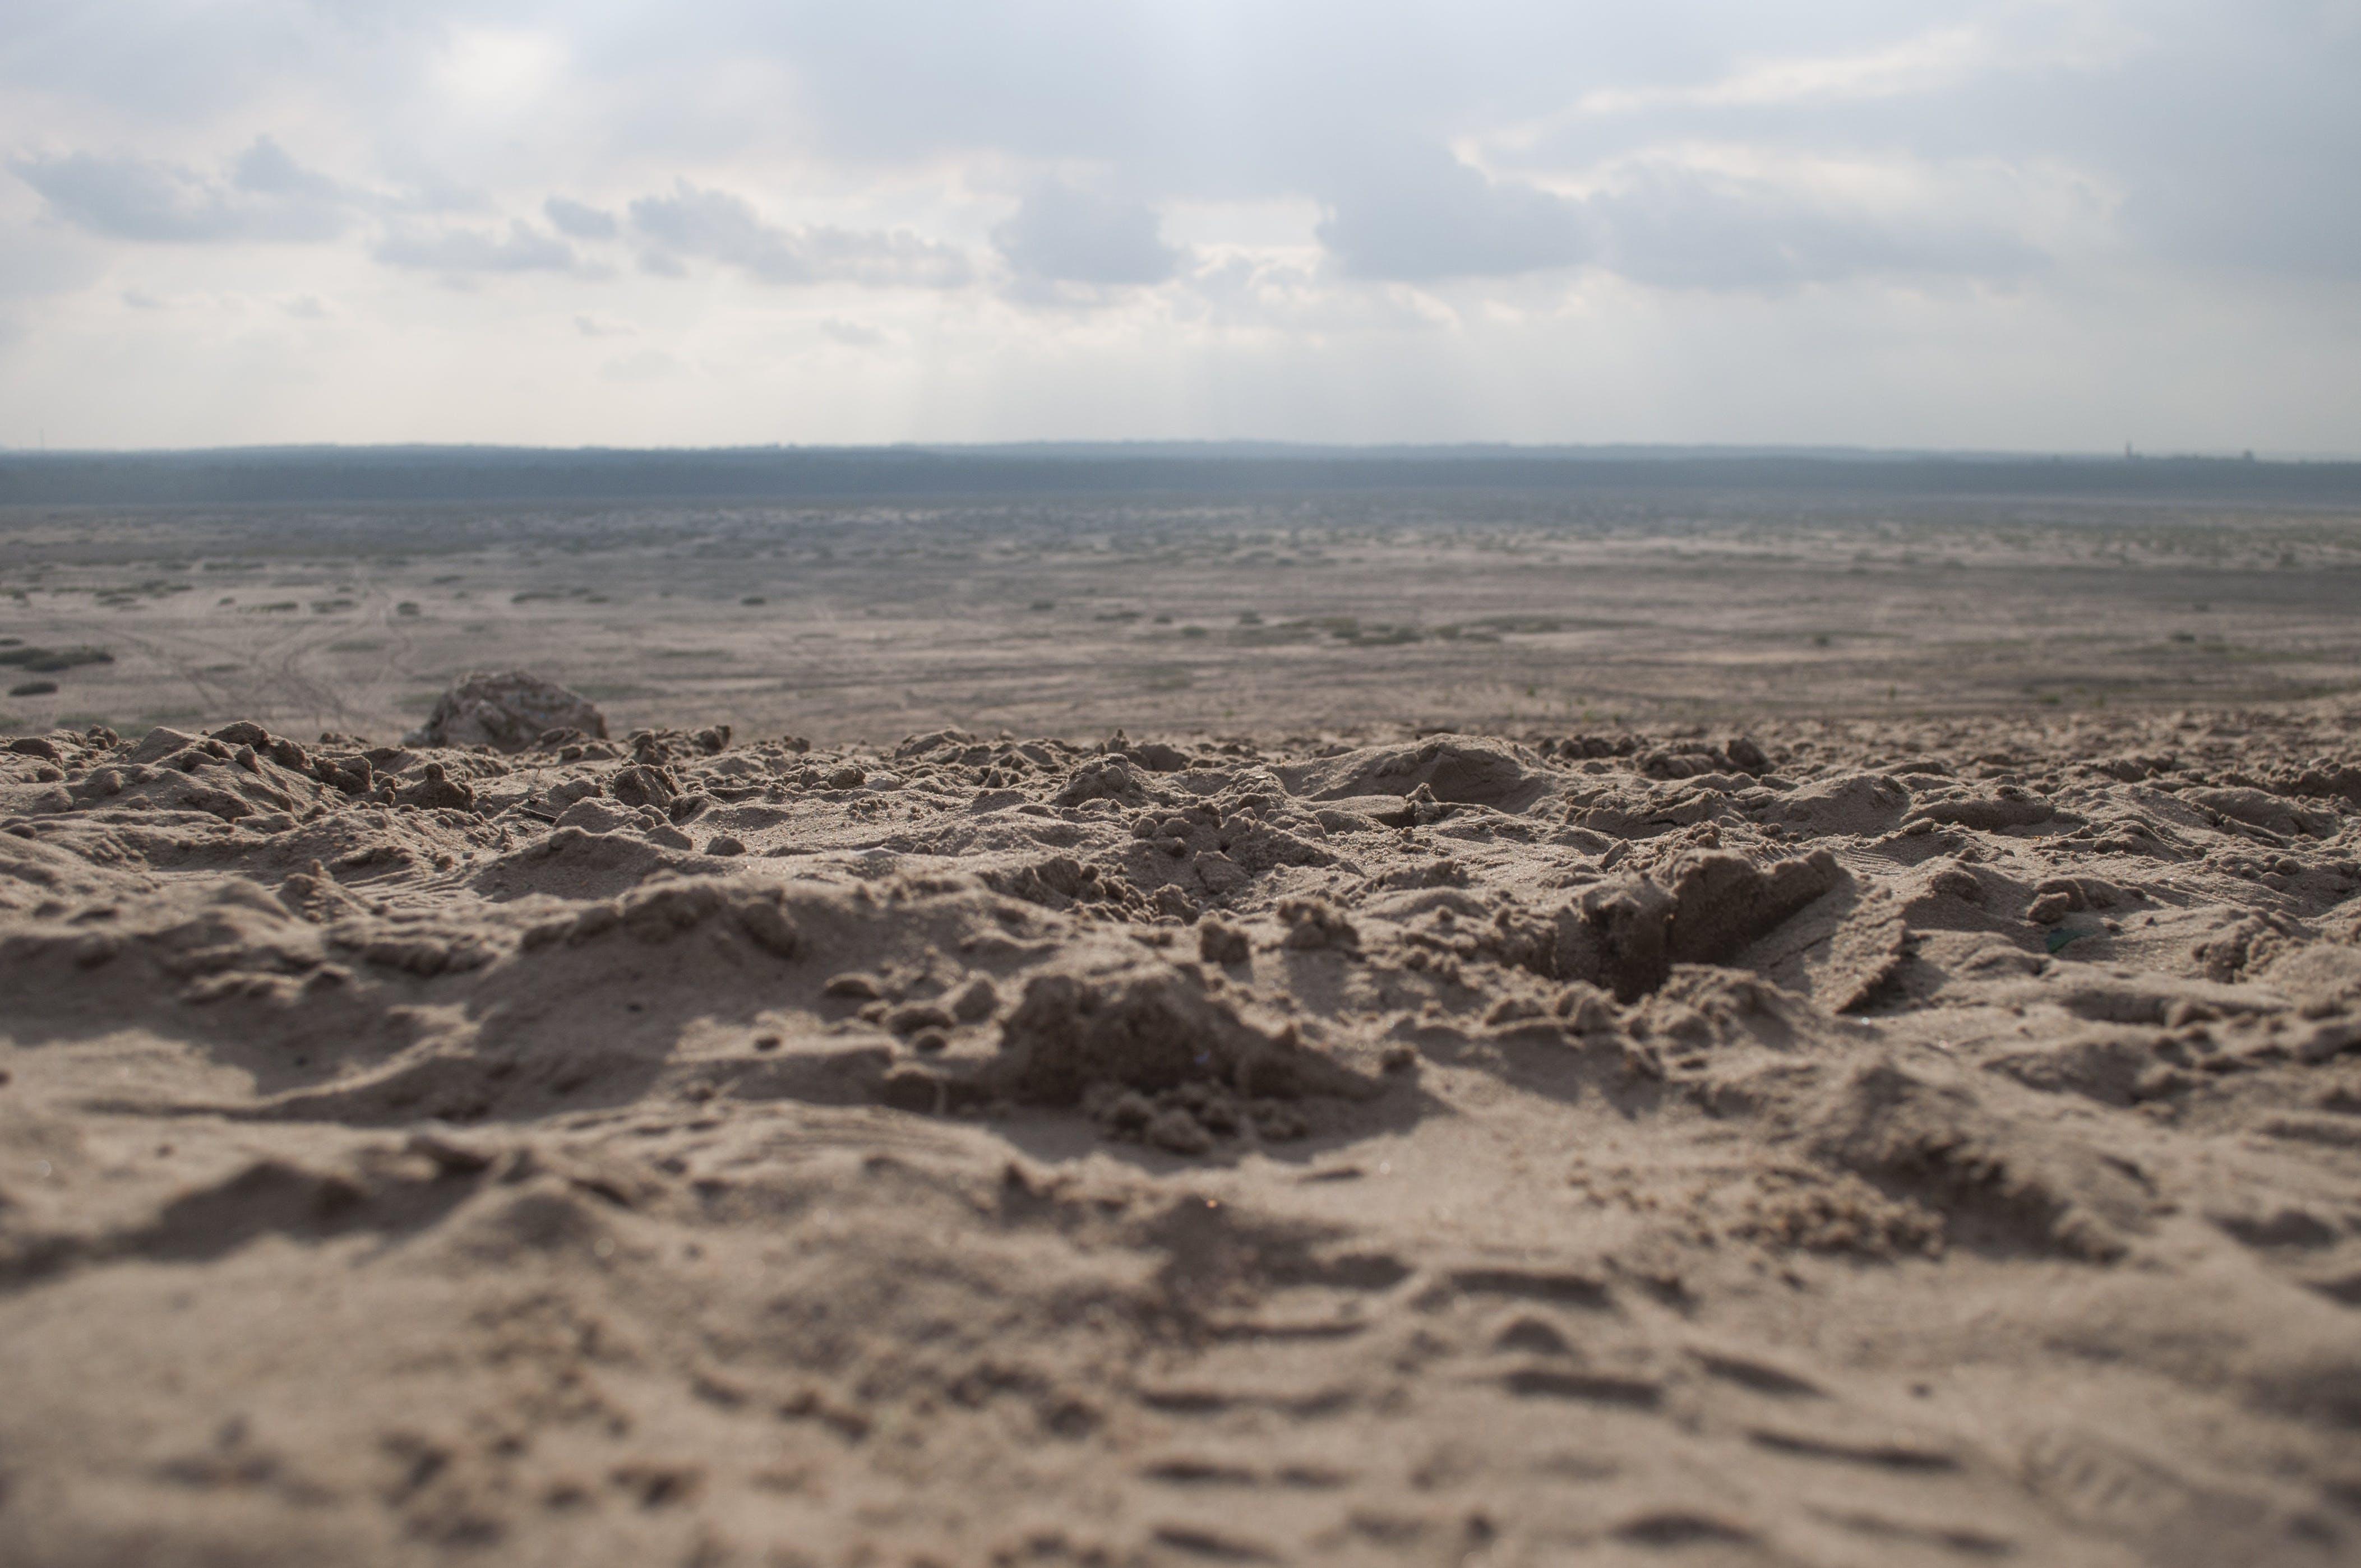 arid, barren, clouds